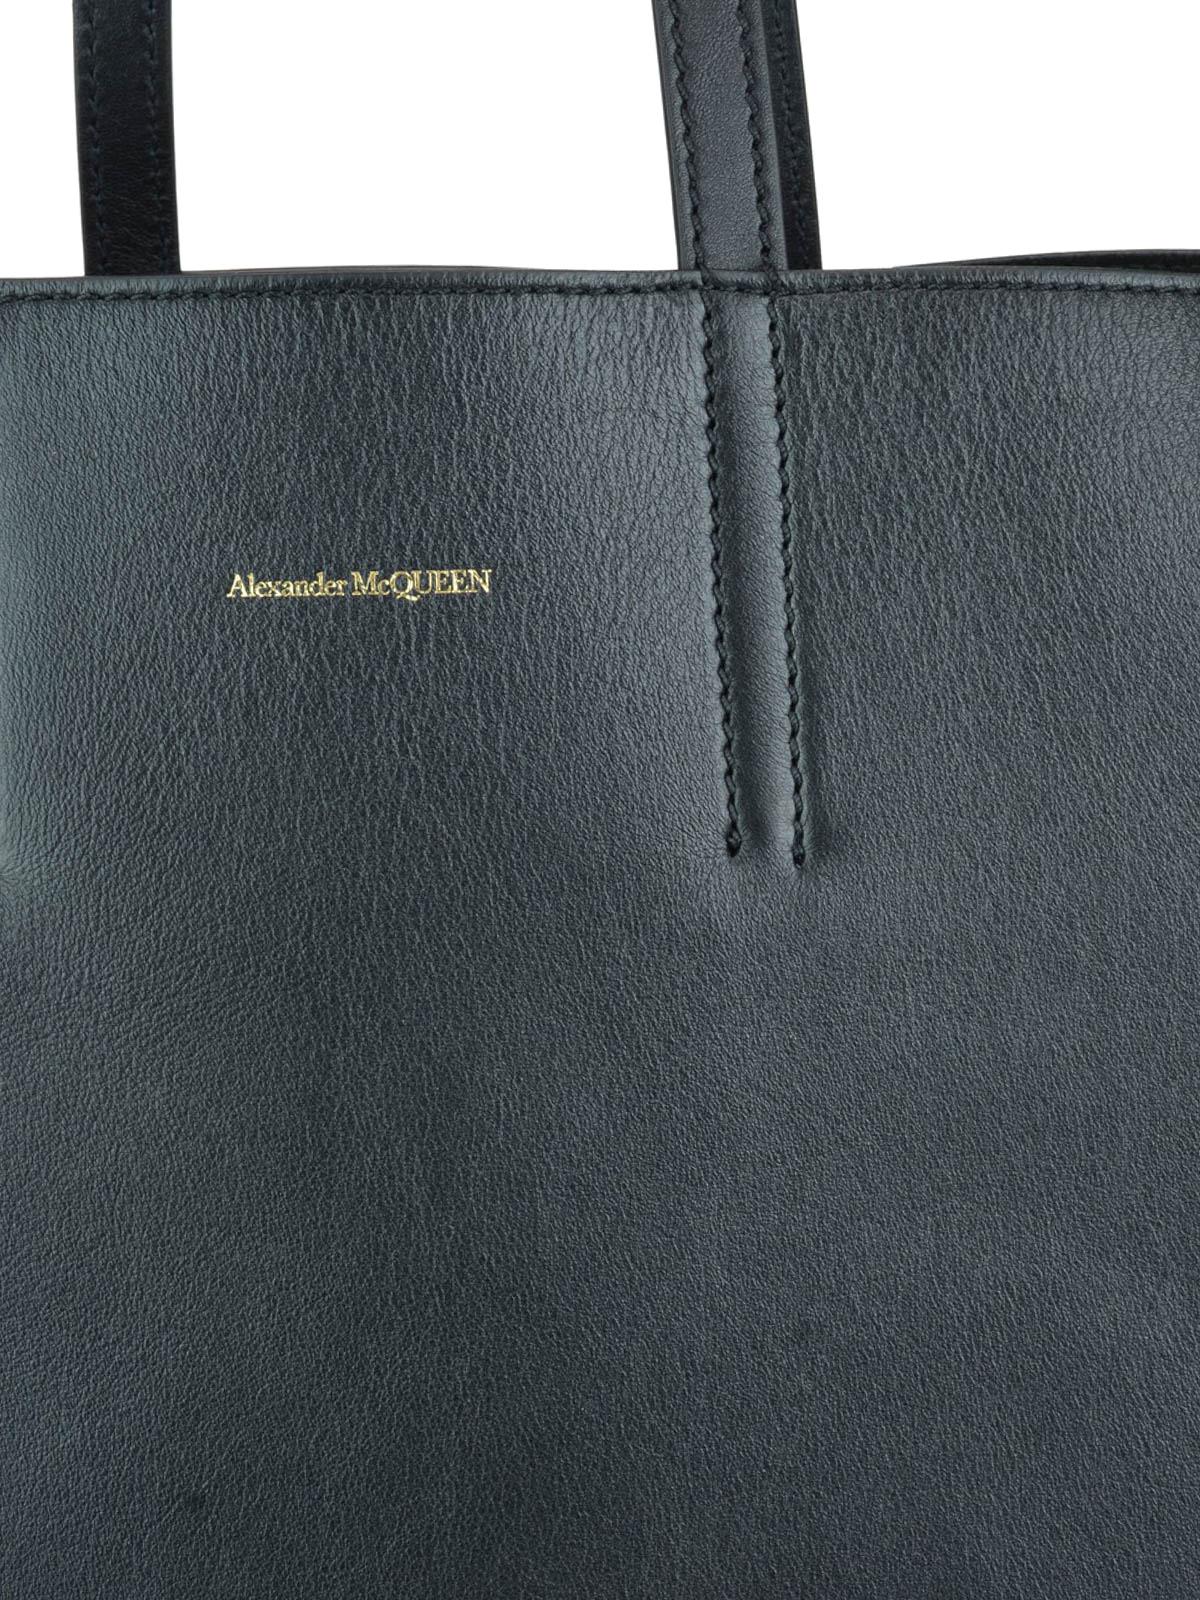 goditi un grande sconto aliexpress acquista lusso Alexander Mcqueen - Borsa shopping Butterfly nera in pelle ...